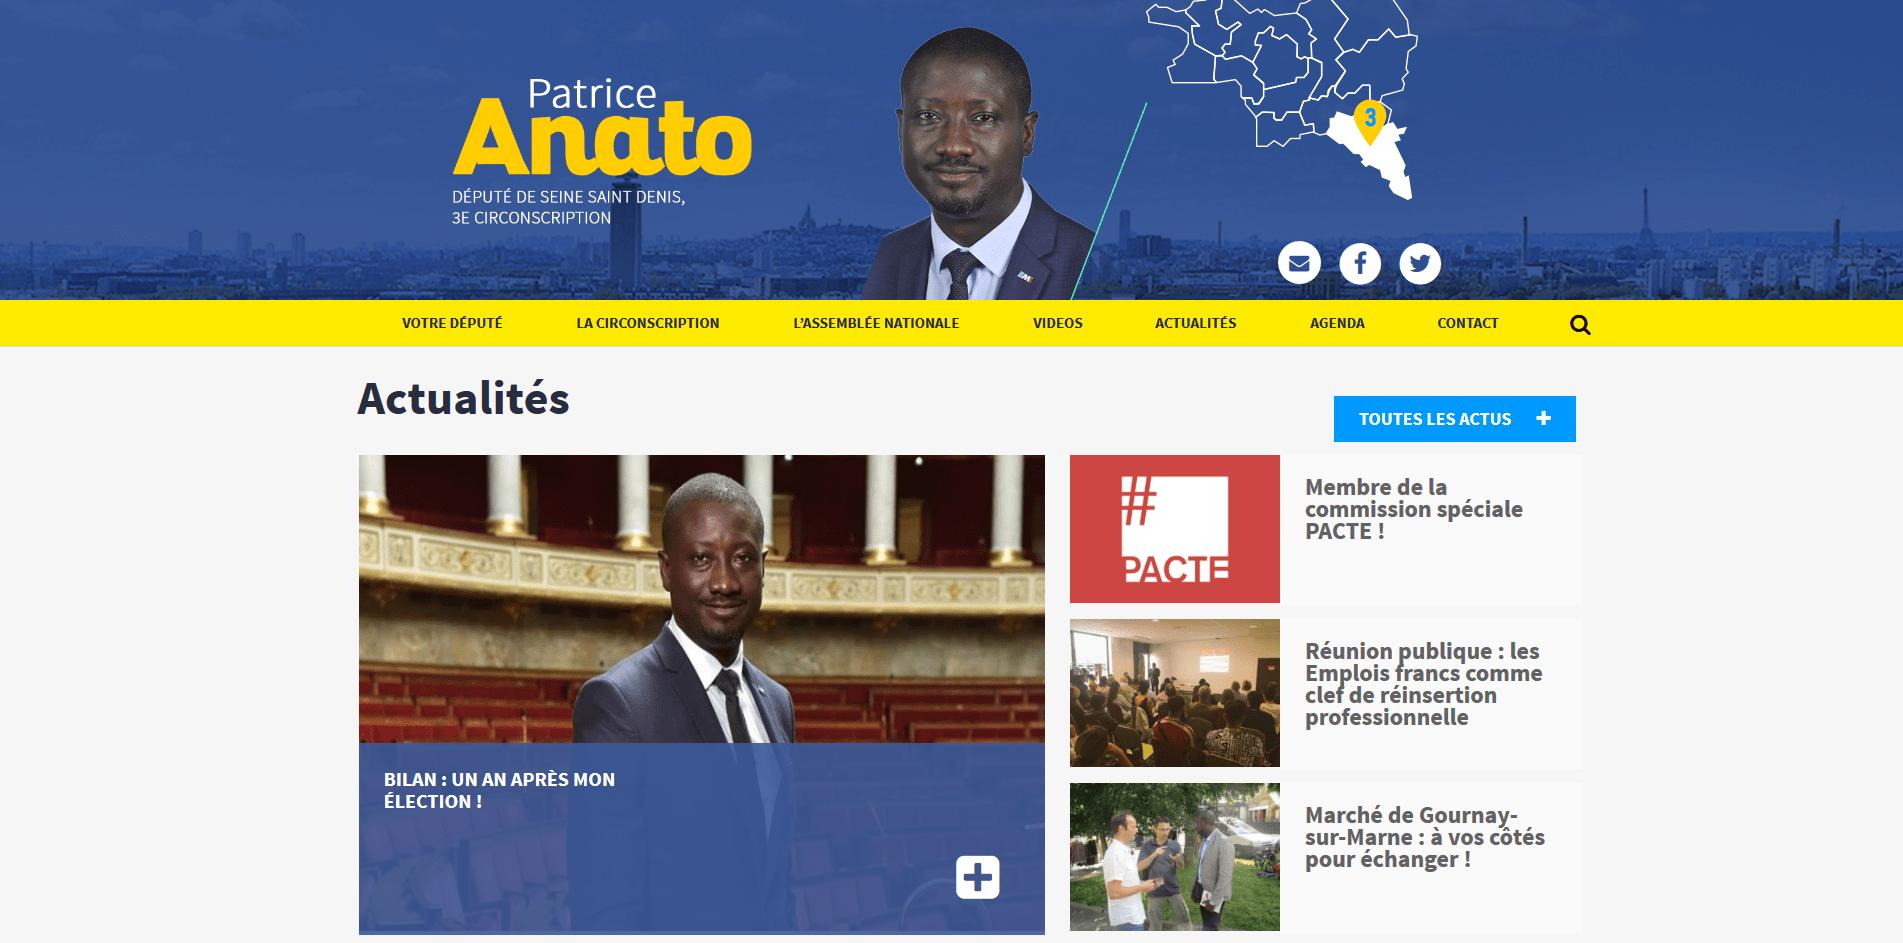 page d'accueil du site patriceanato.fr